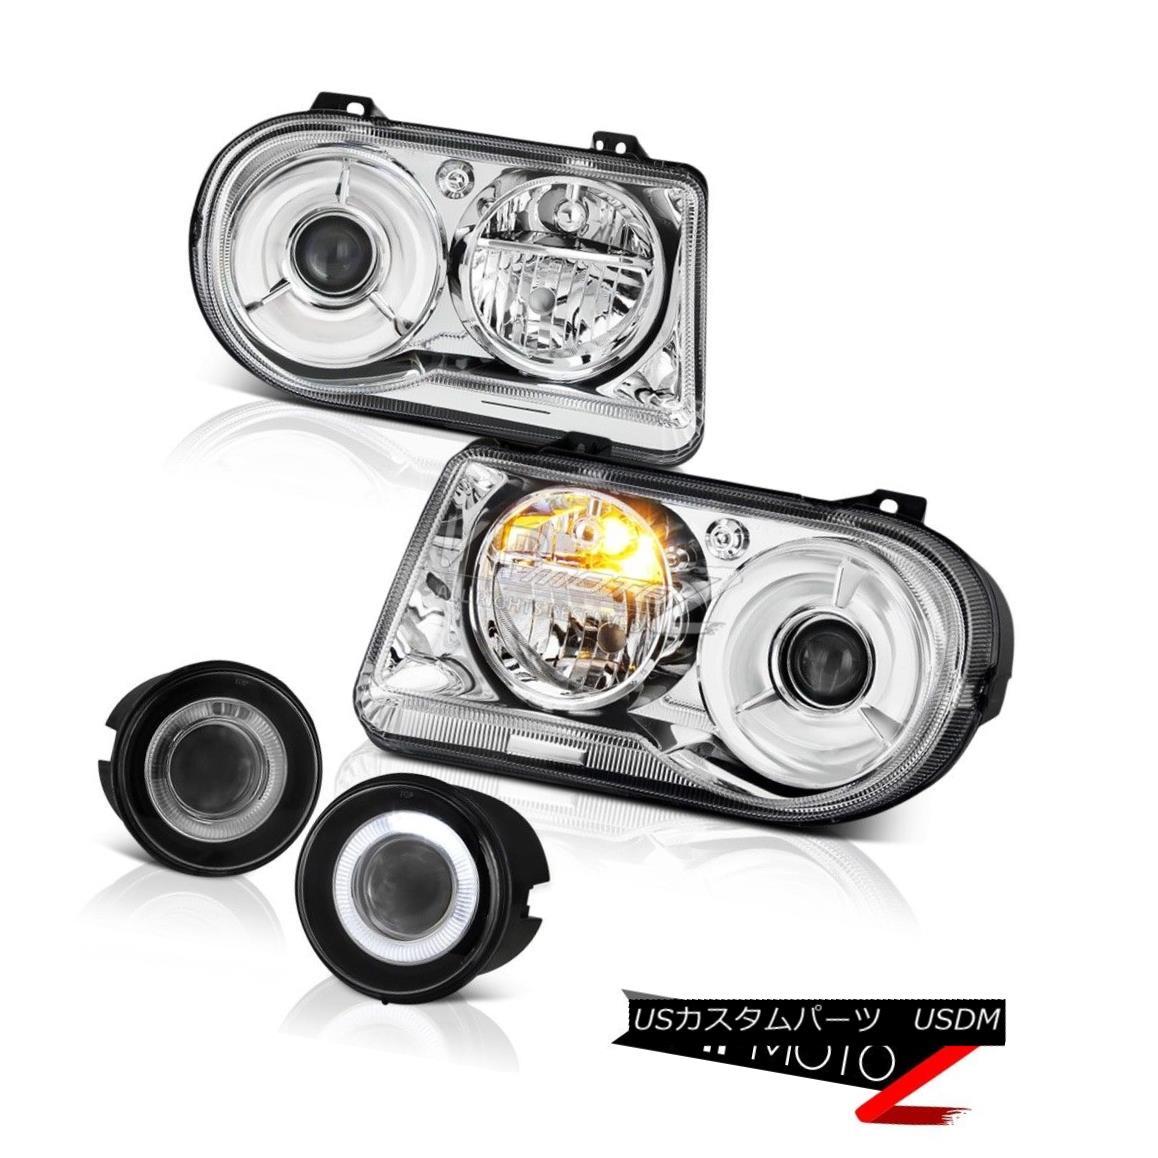 ヘッドライト 05-07 Chrysler 300C 6.1L Chrome Headlights Clear Headlamps Projector Foglights 05-07クライスラー300Cクロームヘッドライトクリアヘッドランププロジェクターフォグライト